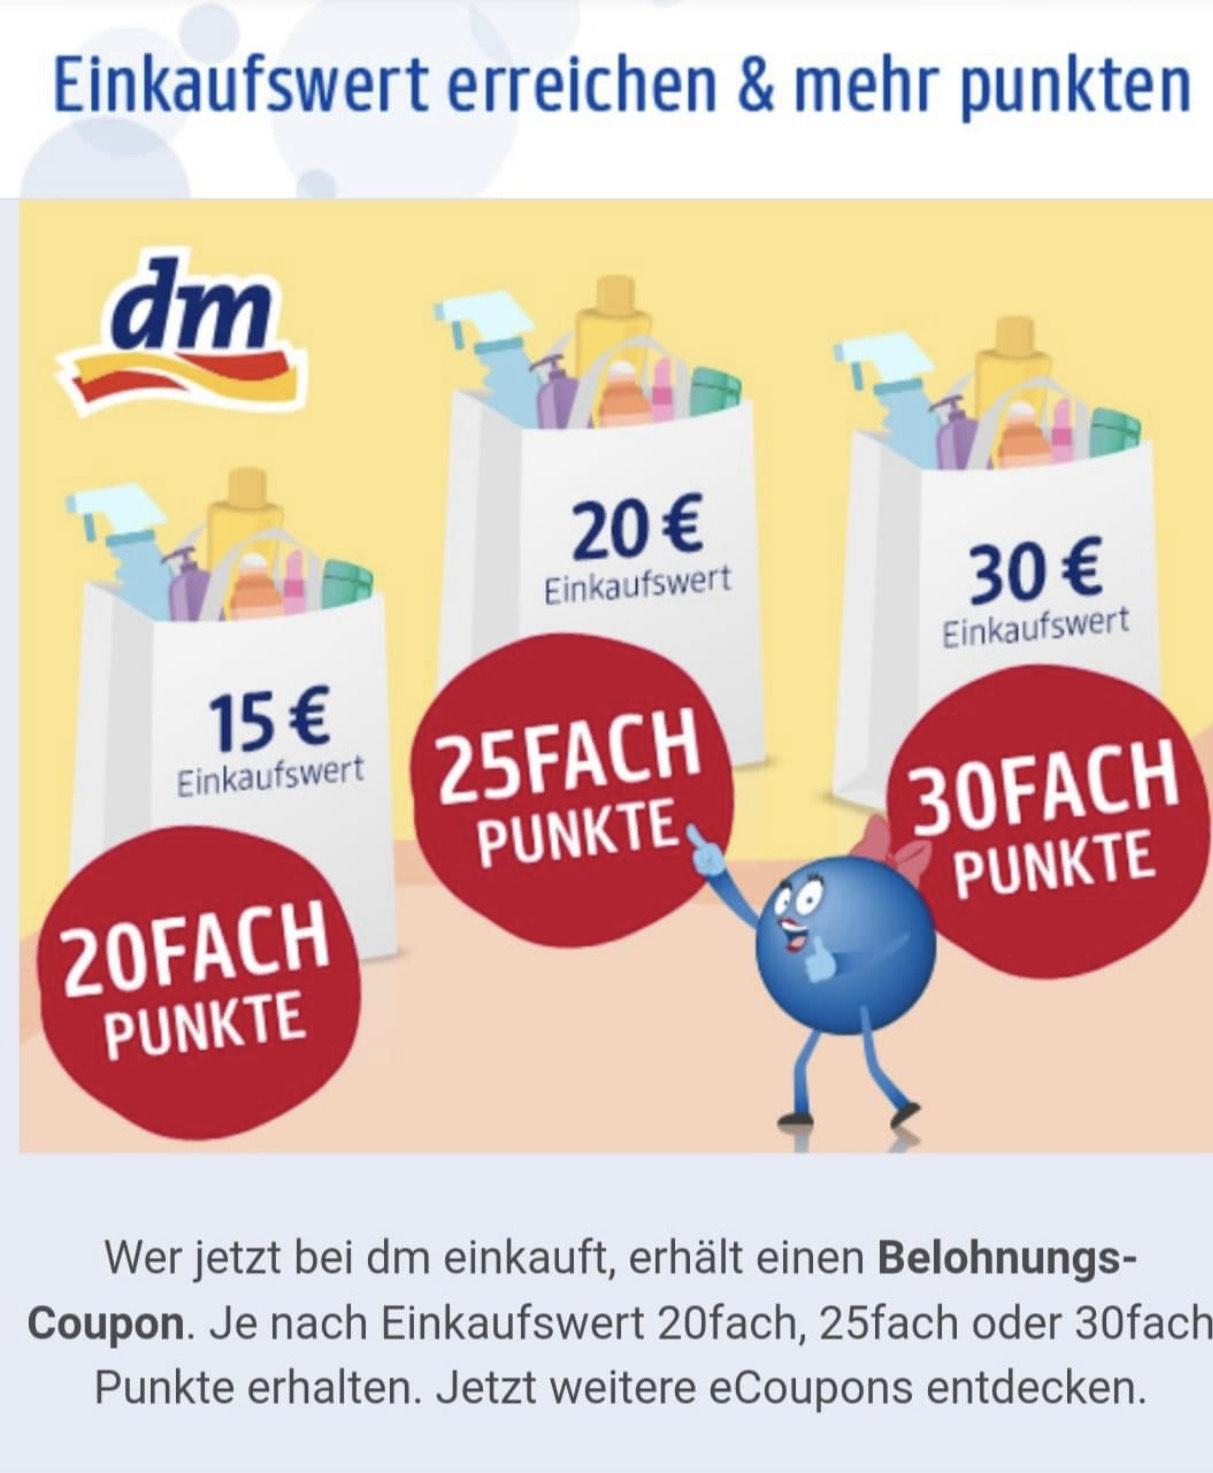 [Payback] Bis zu 30fach punkten ab 30€ Einkaufswert | 25fach ab 20€ | 20fach ab 15€